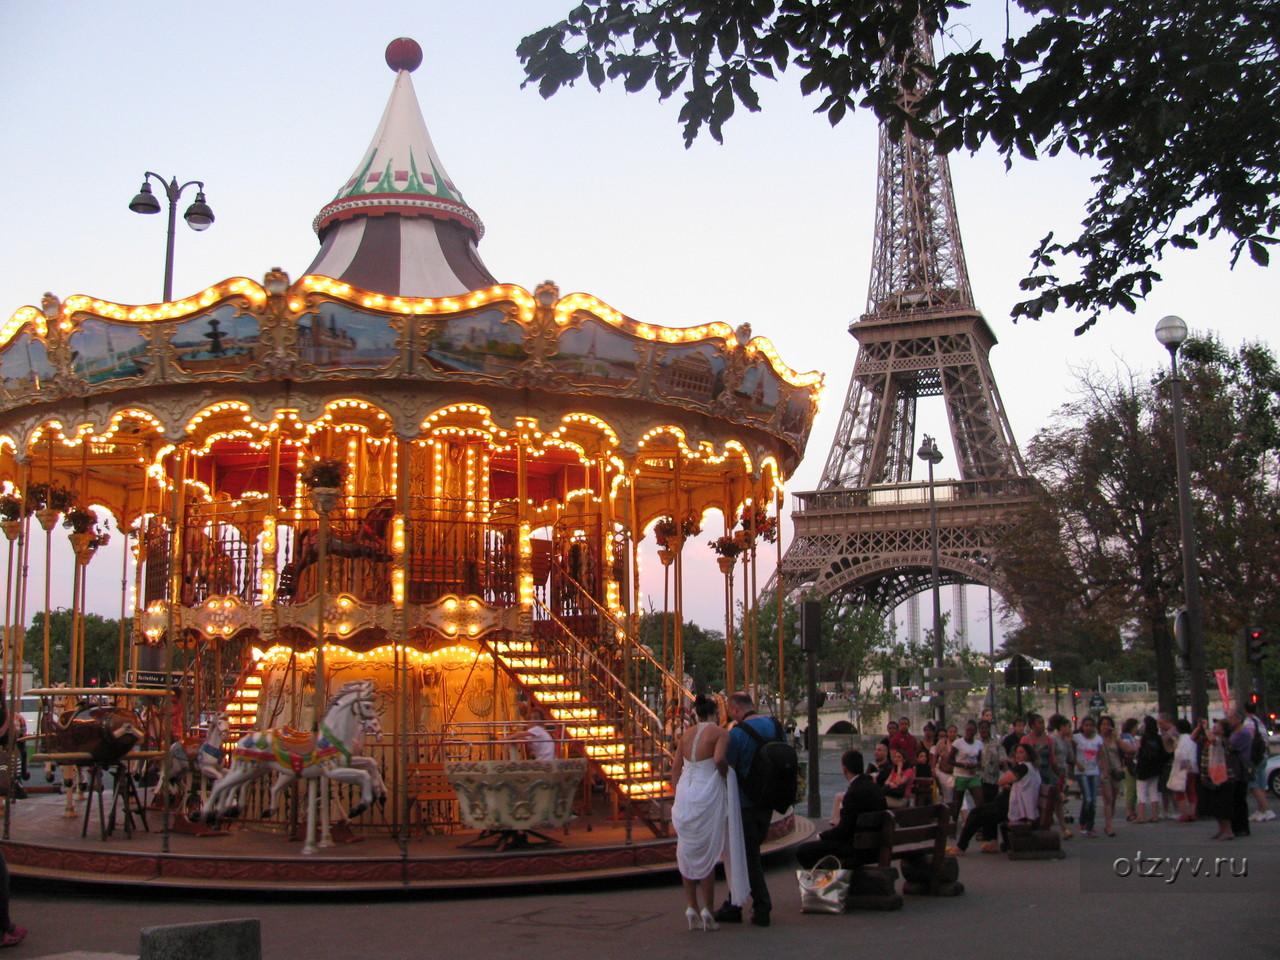 Туры в Париж 2018 (цены, отзывы) - отдых в Париже недорого на